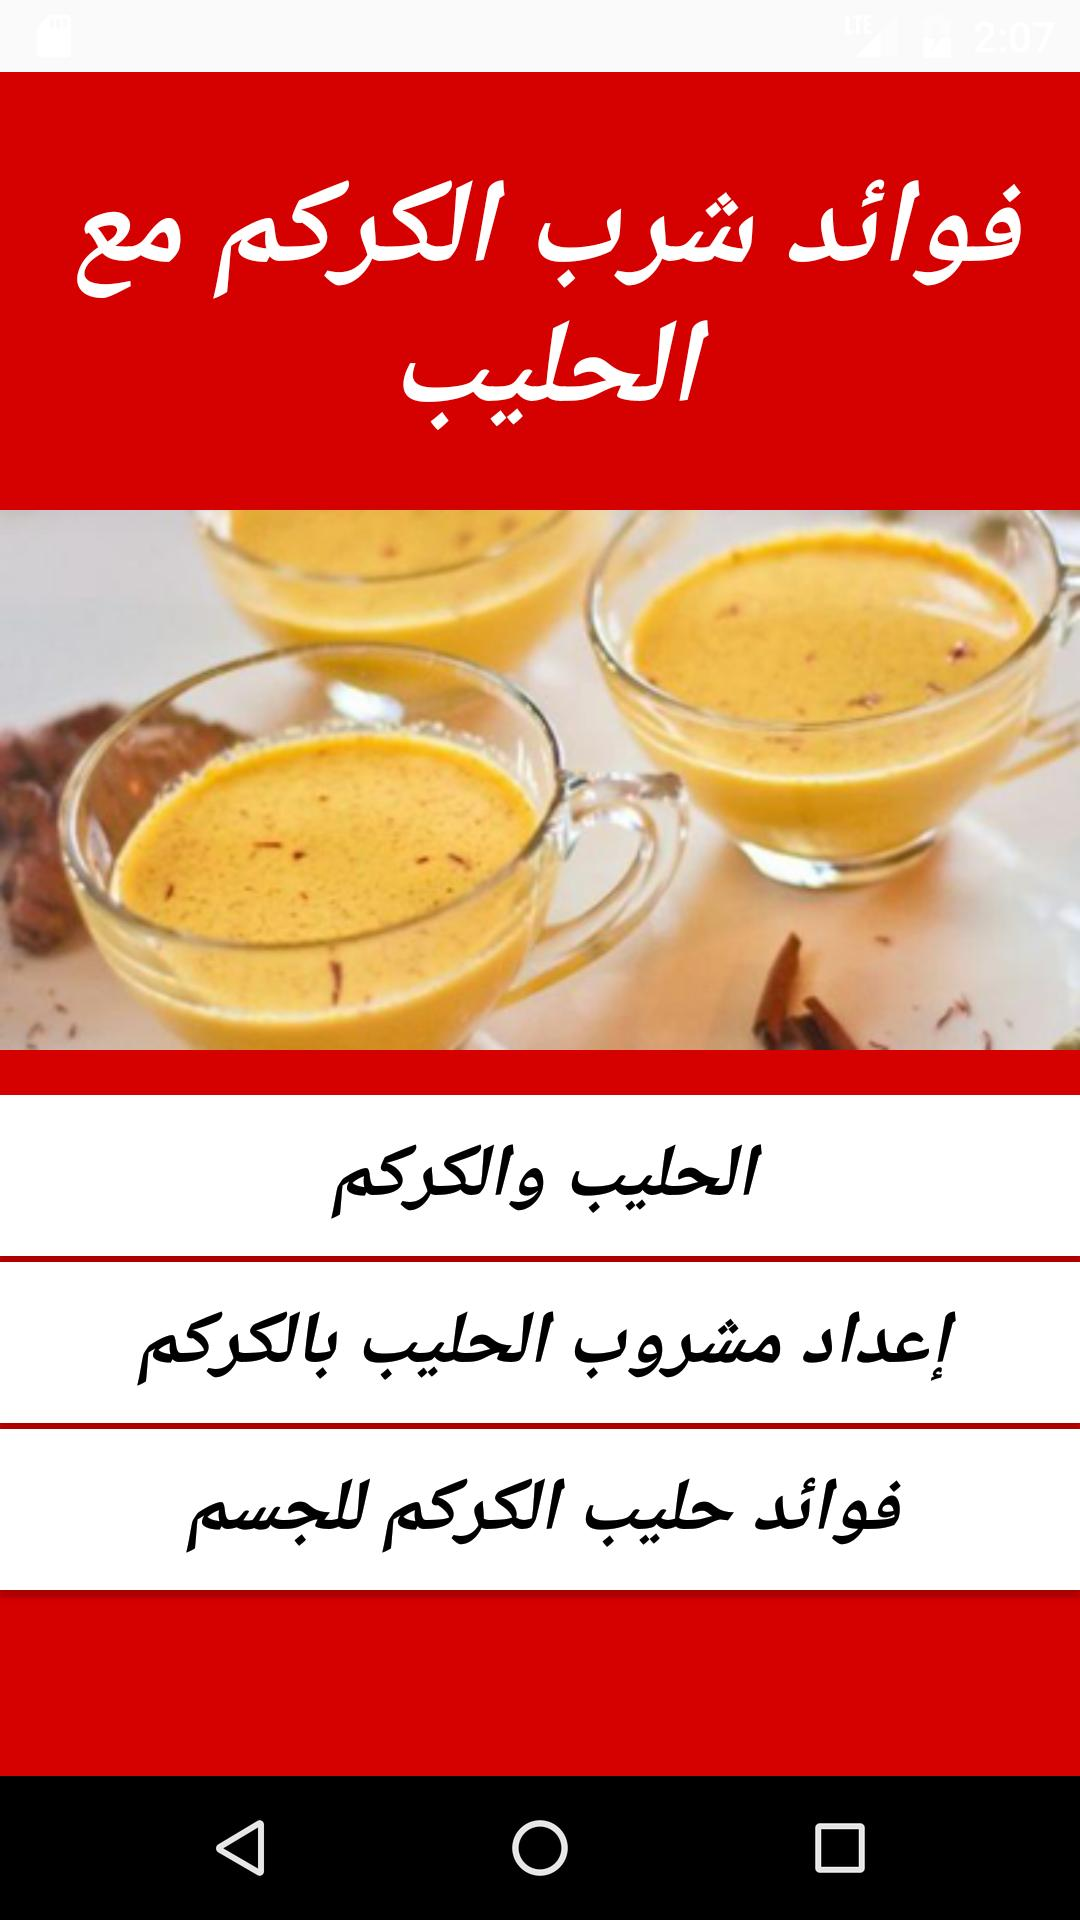 فوائد شرب الكركم مع الحليب For Android Apk Download